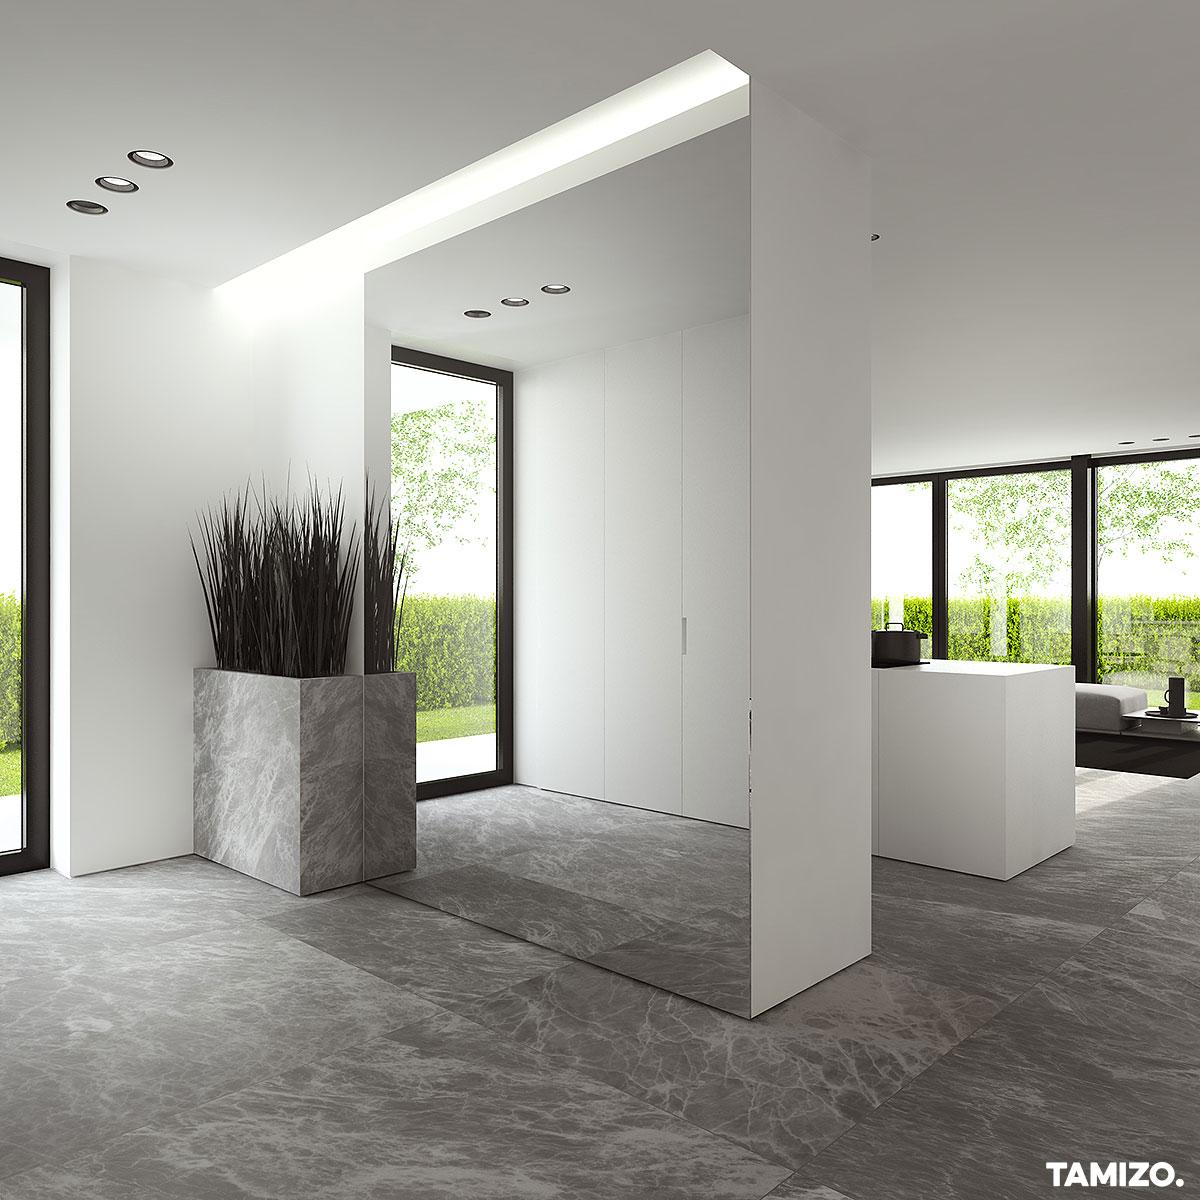 I062_tamizo_architekci_projekt-wnetrz-dom-pabianice-house-jednorodzinny-lodz-02